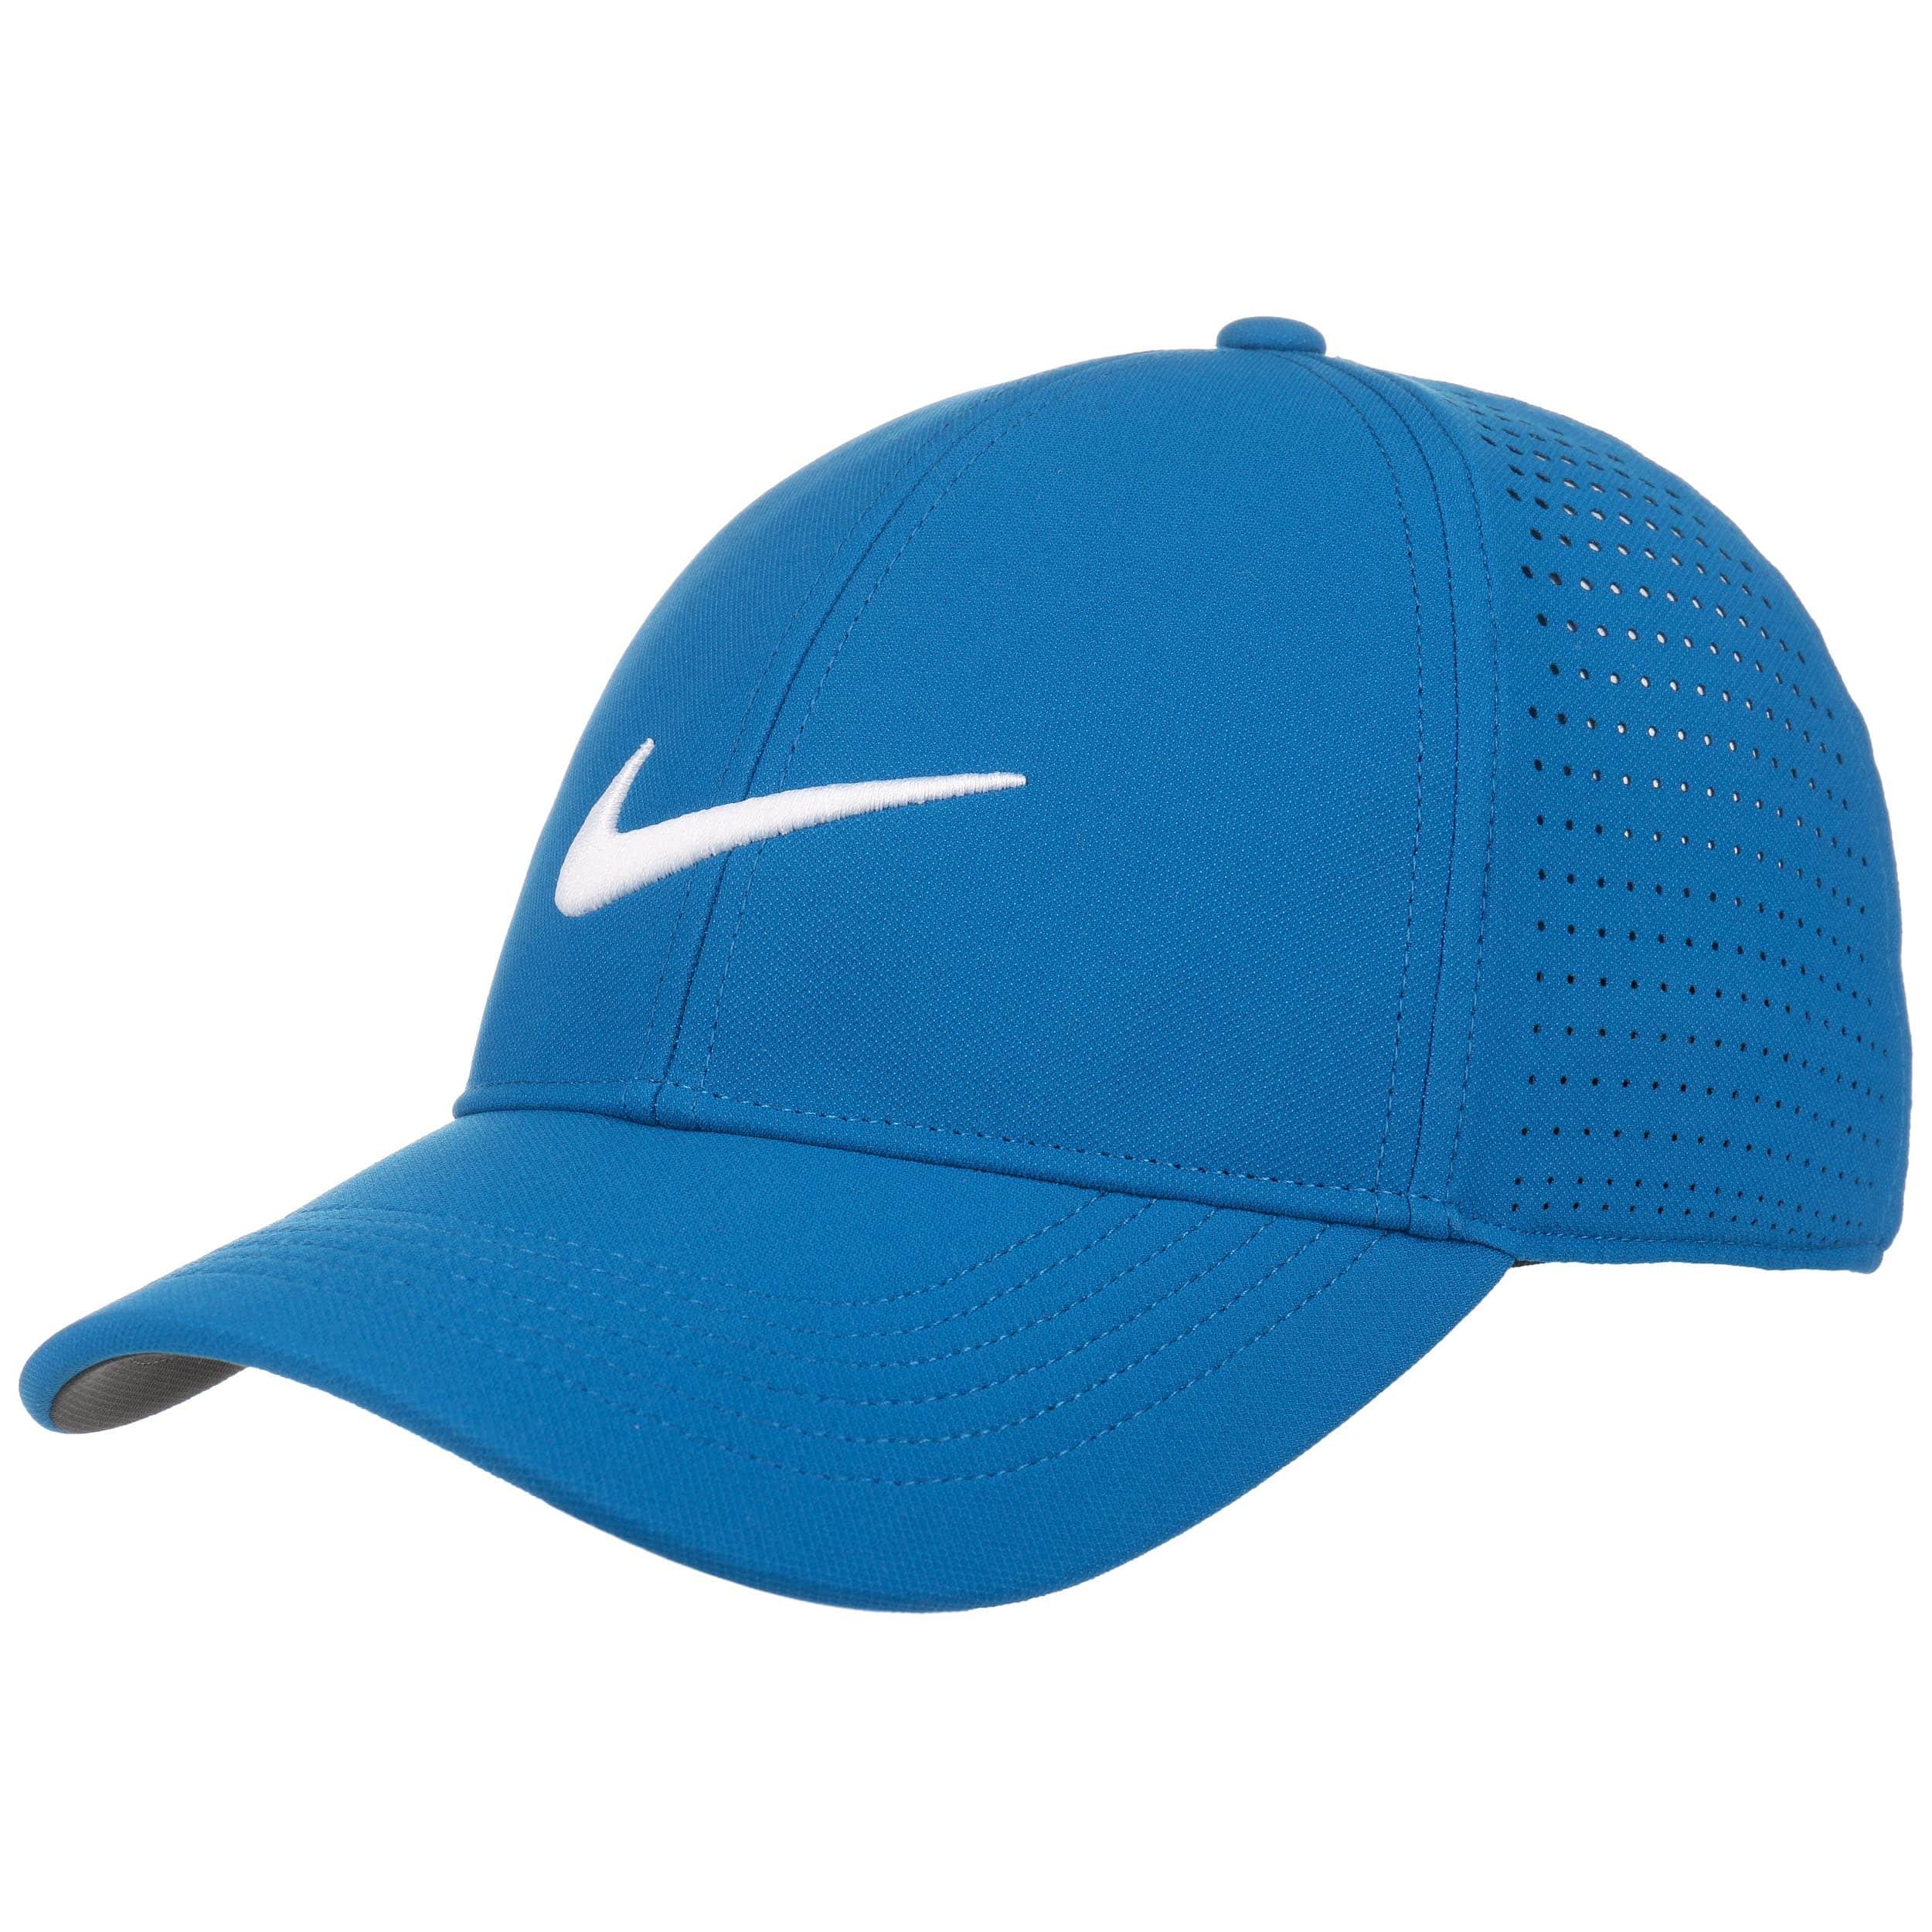 casquette legacy 91 perf by nike eur 29 95 chapeaux casquettes et bonnets en ligne. Black Bedroom Furniture Sets. Home Design Ideas